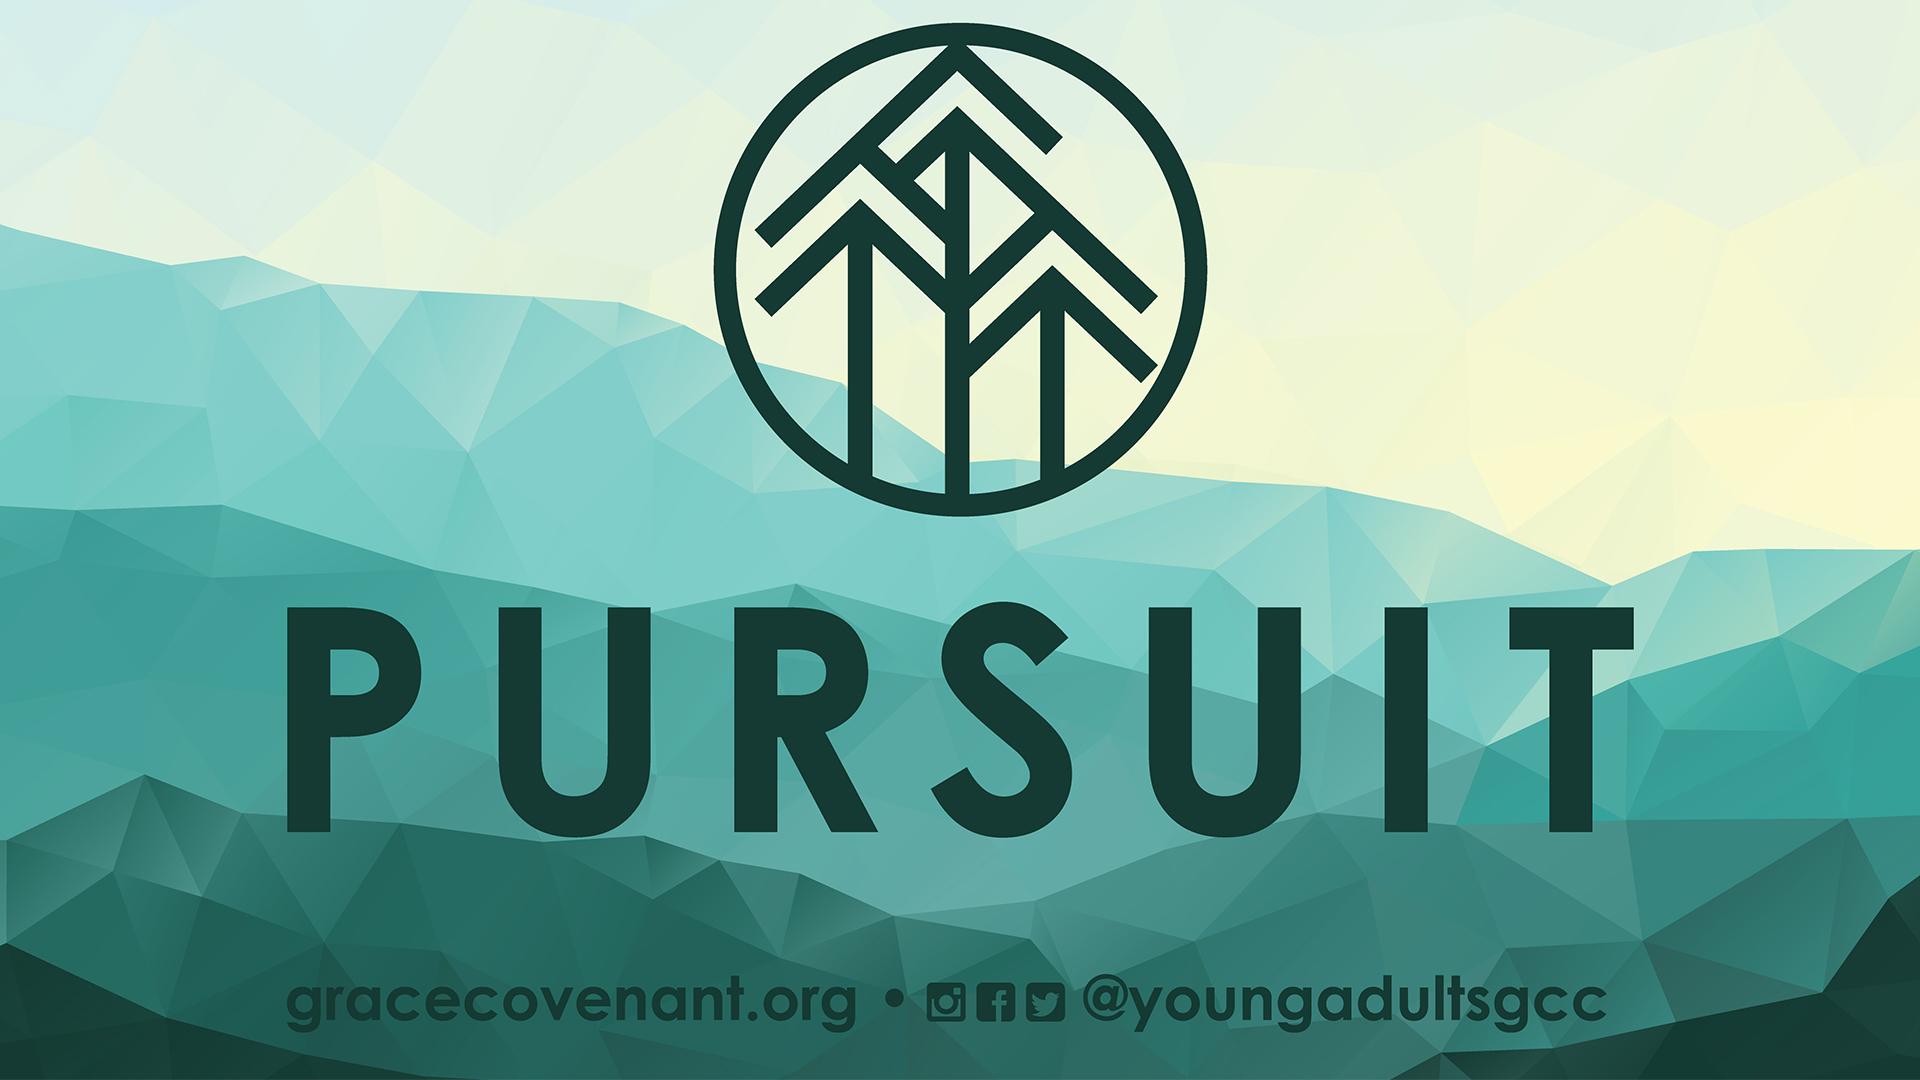 Pursuit_Title.jpg